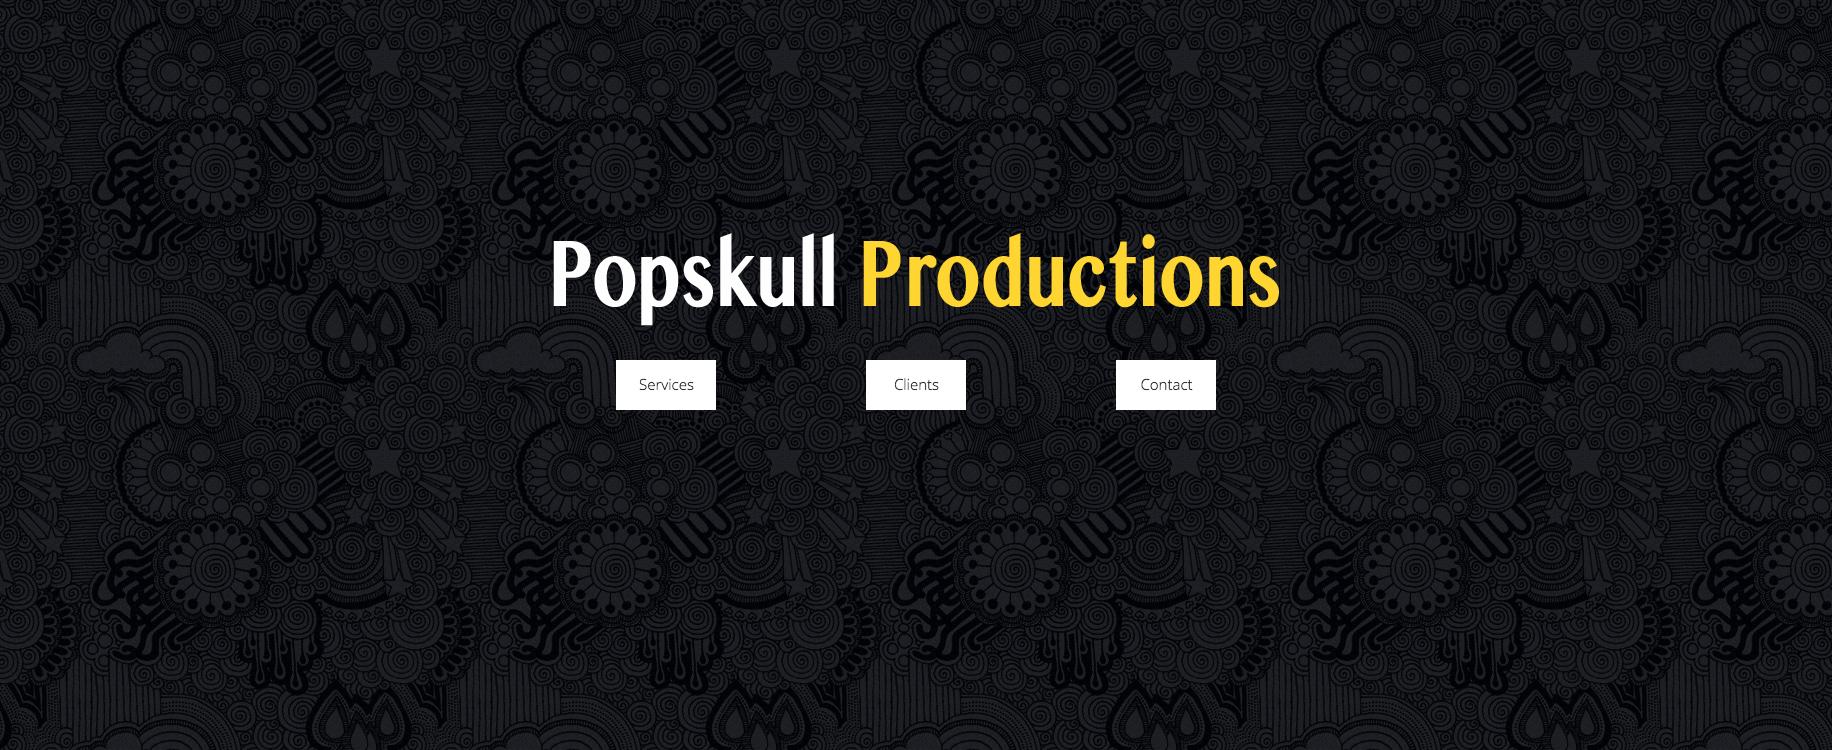 Popskull Productions | Header